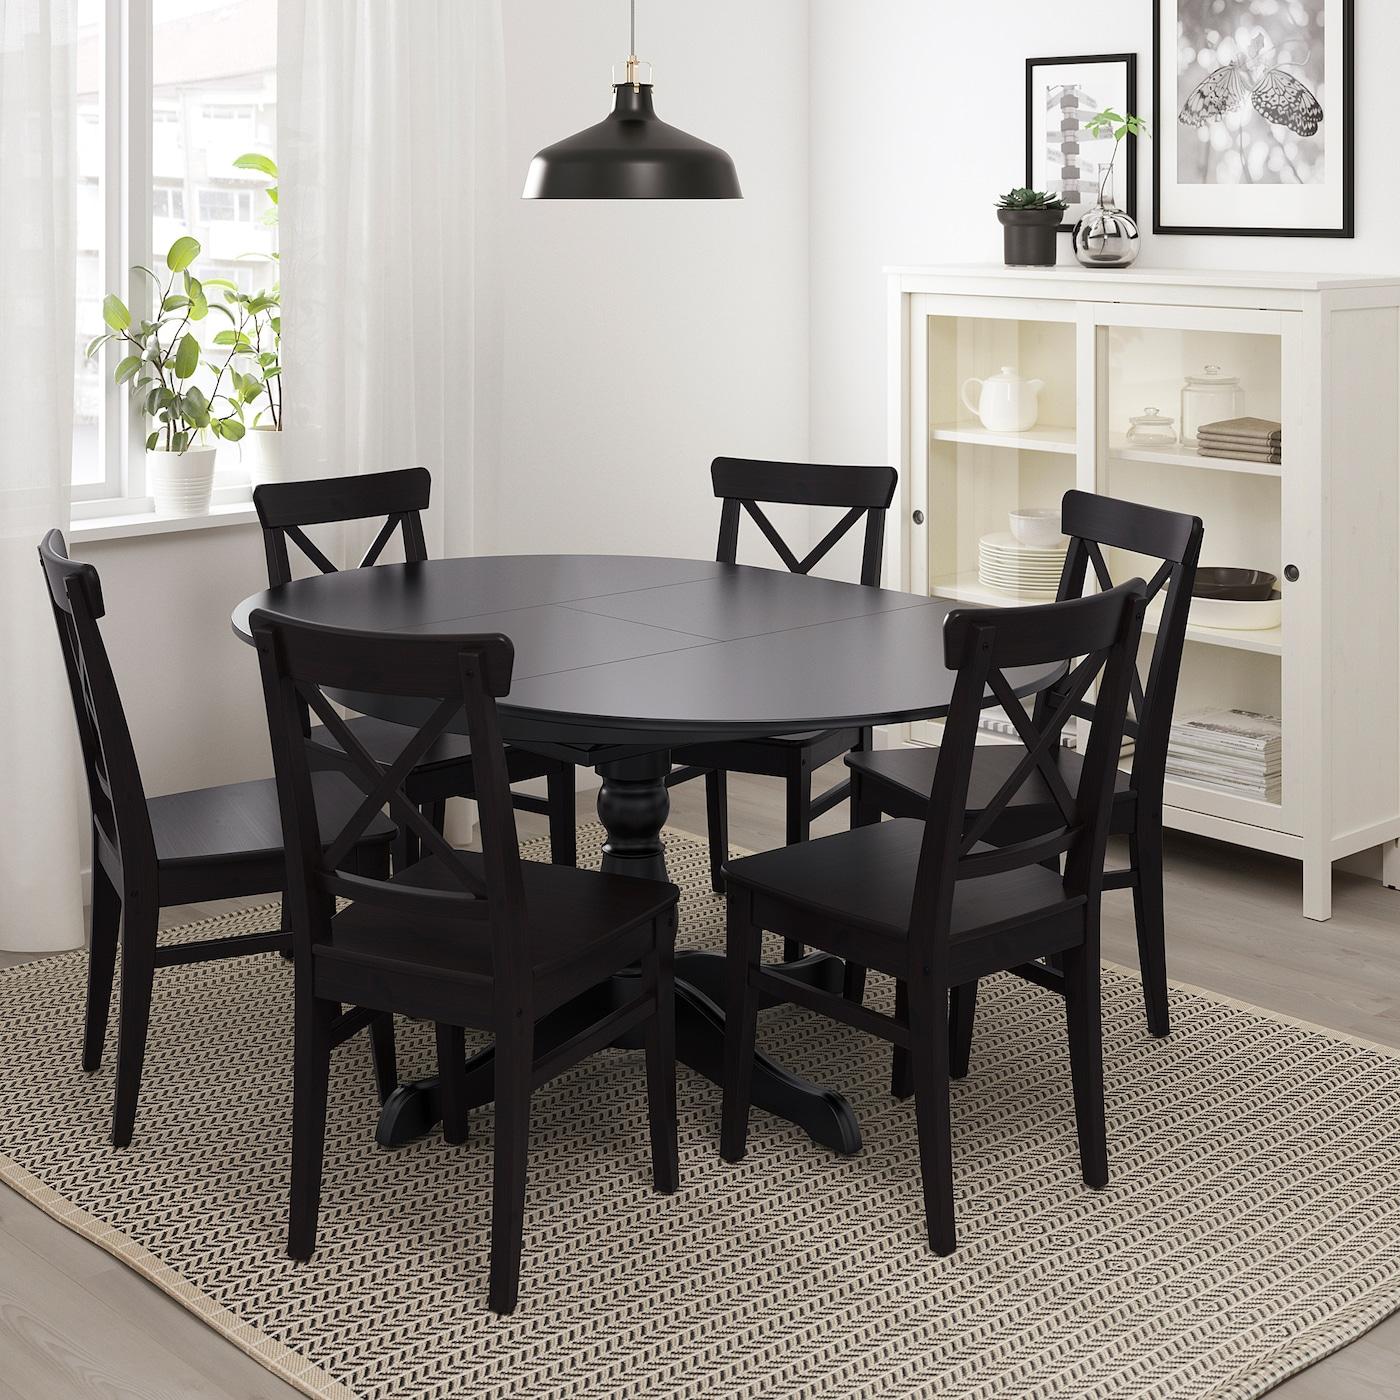 INGATORPINGATORP Bord och 4 stolar, vit, Längd: 110 cm IKEA